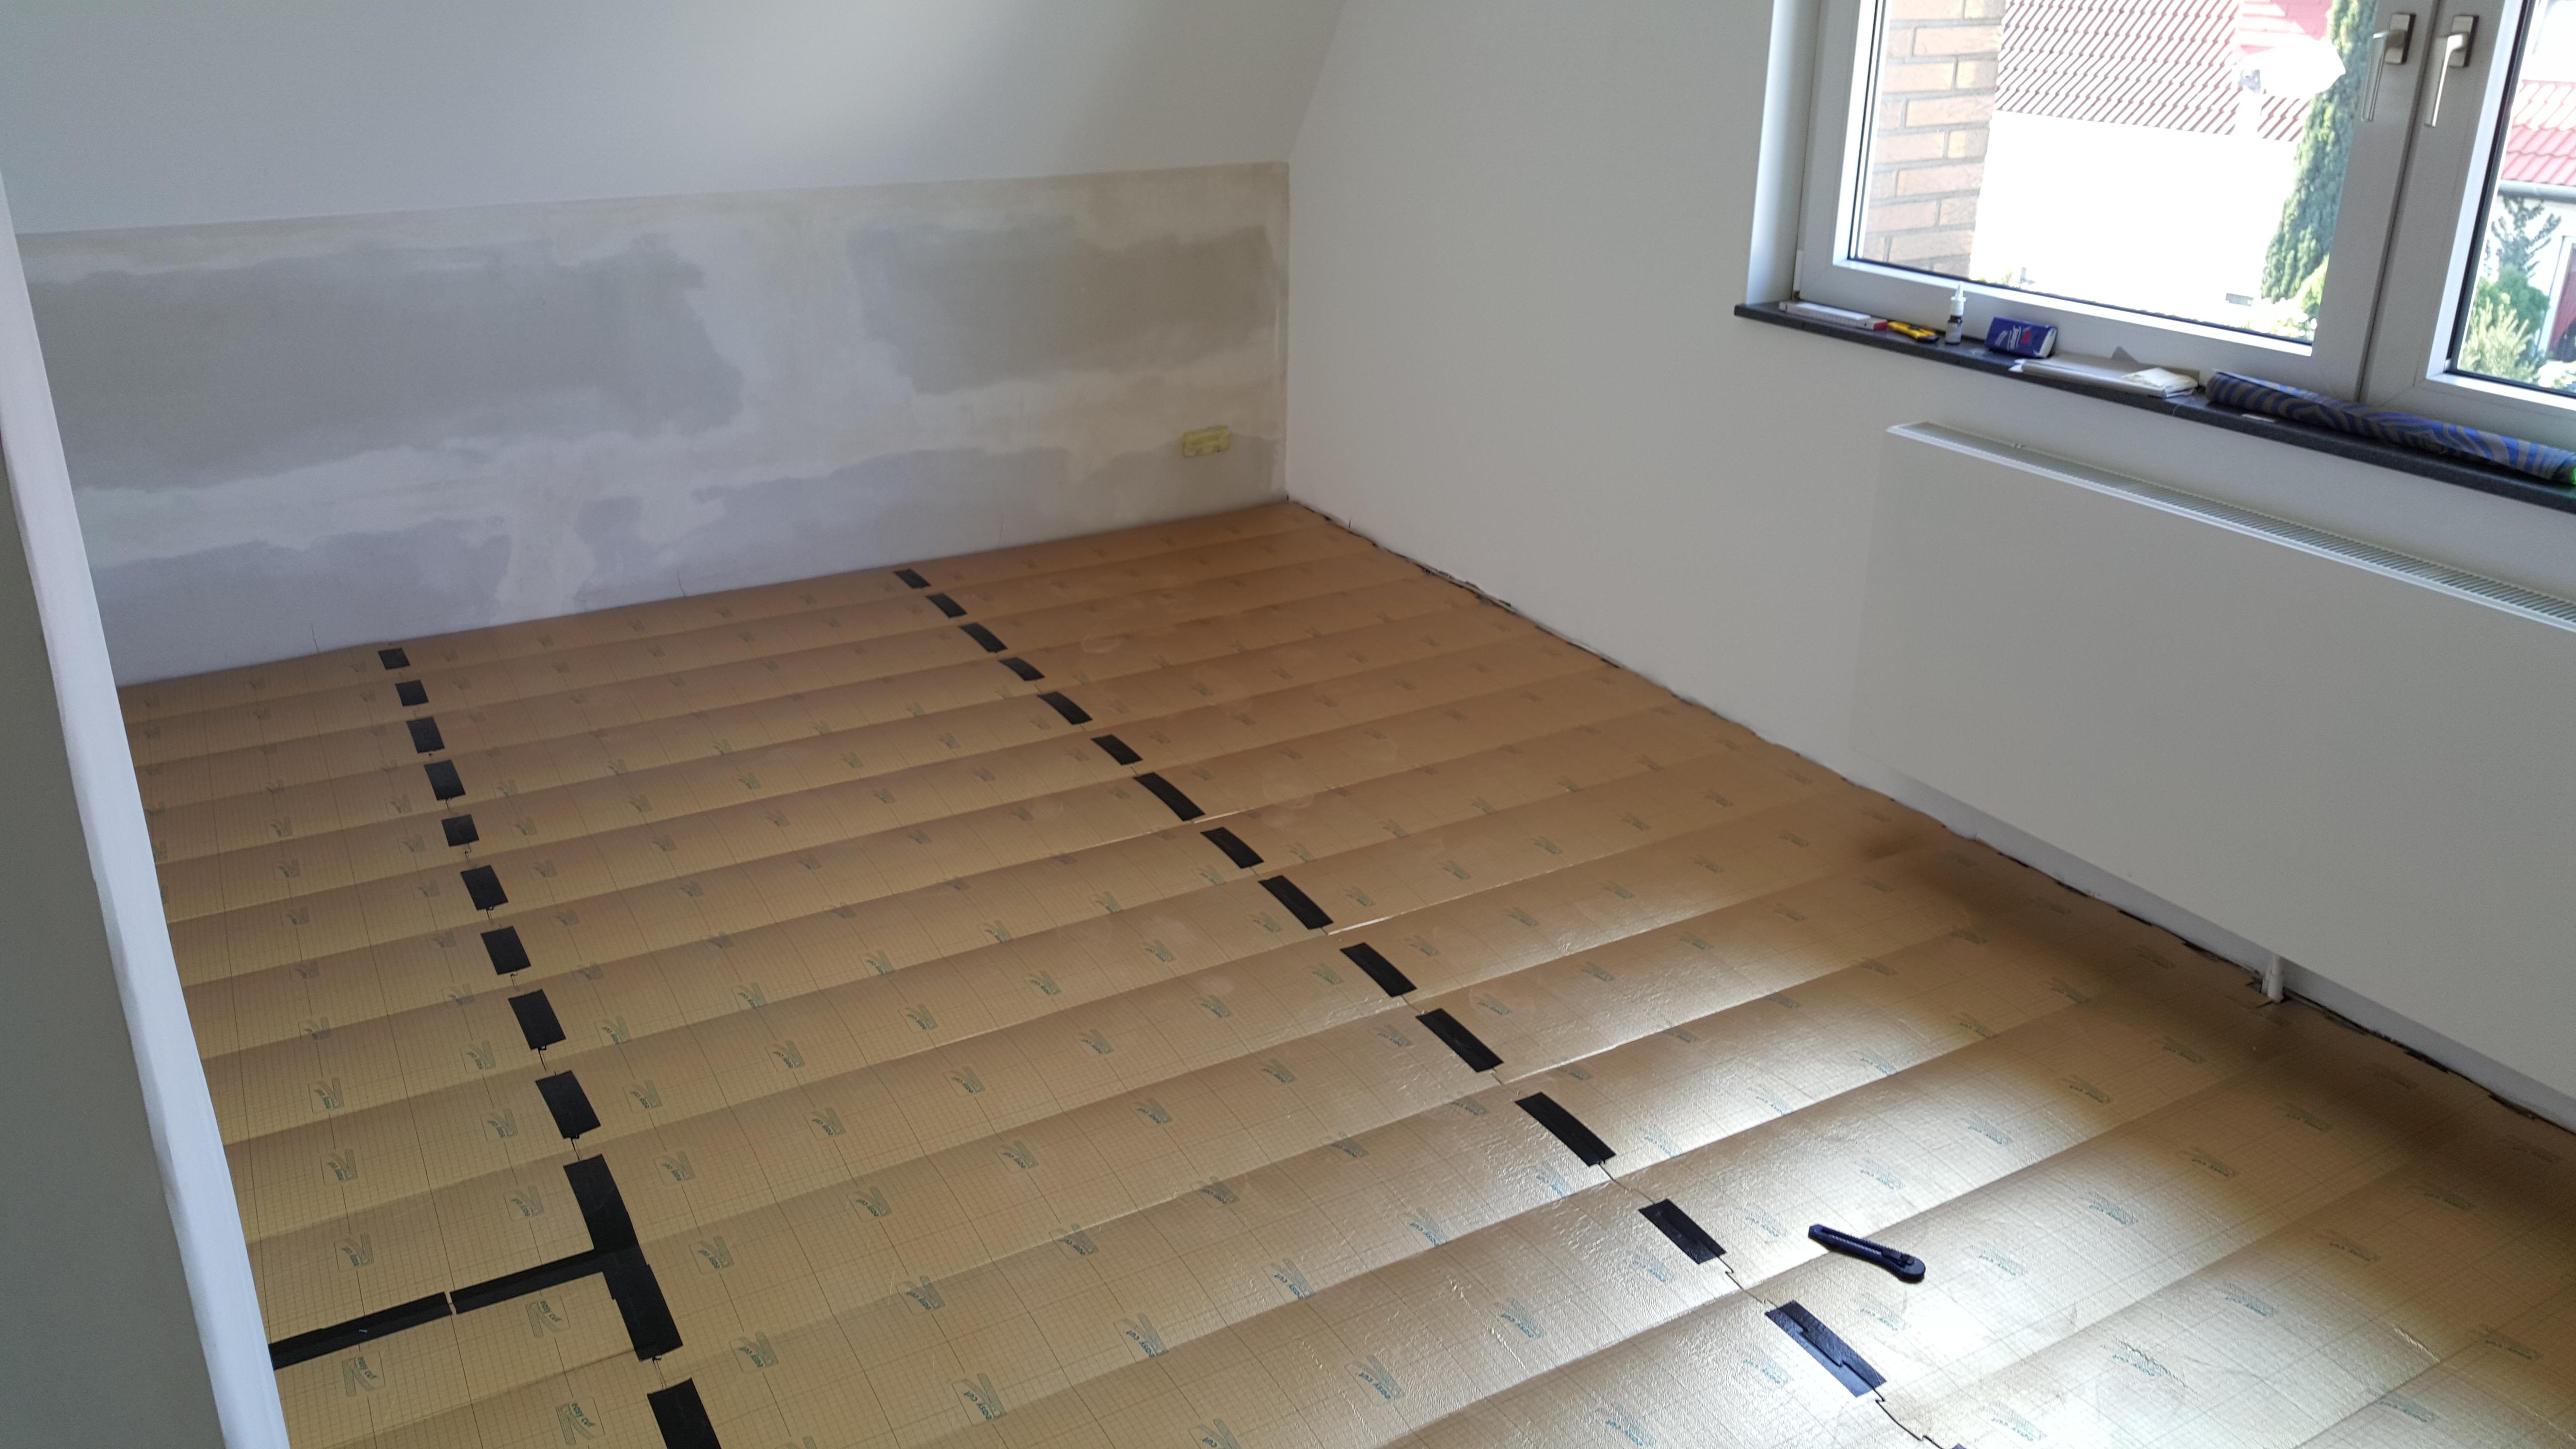 Welcher Fußboden Schlafzimmer ~ Das schlafzimmer fußboden